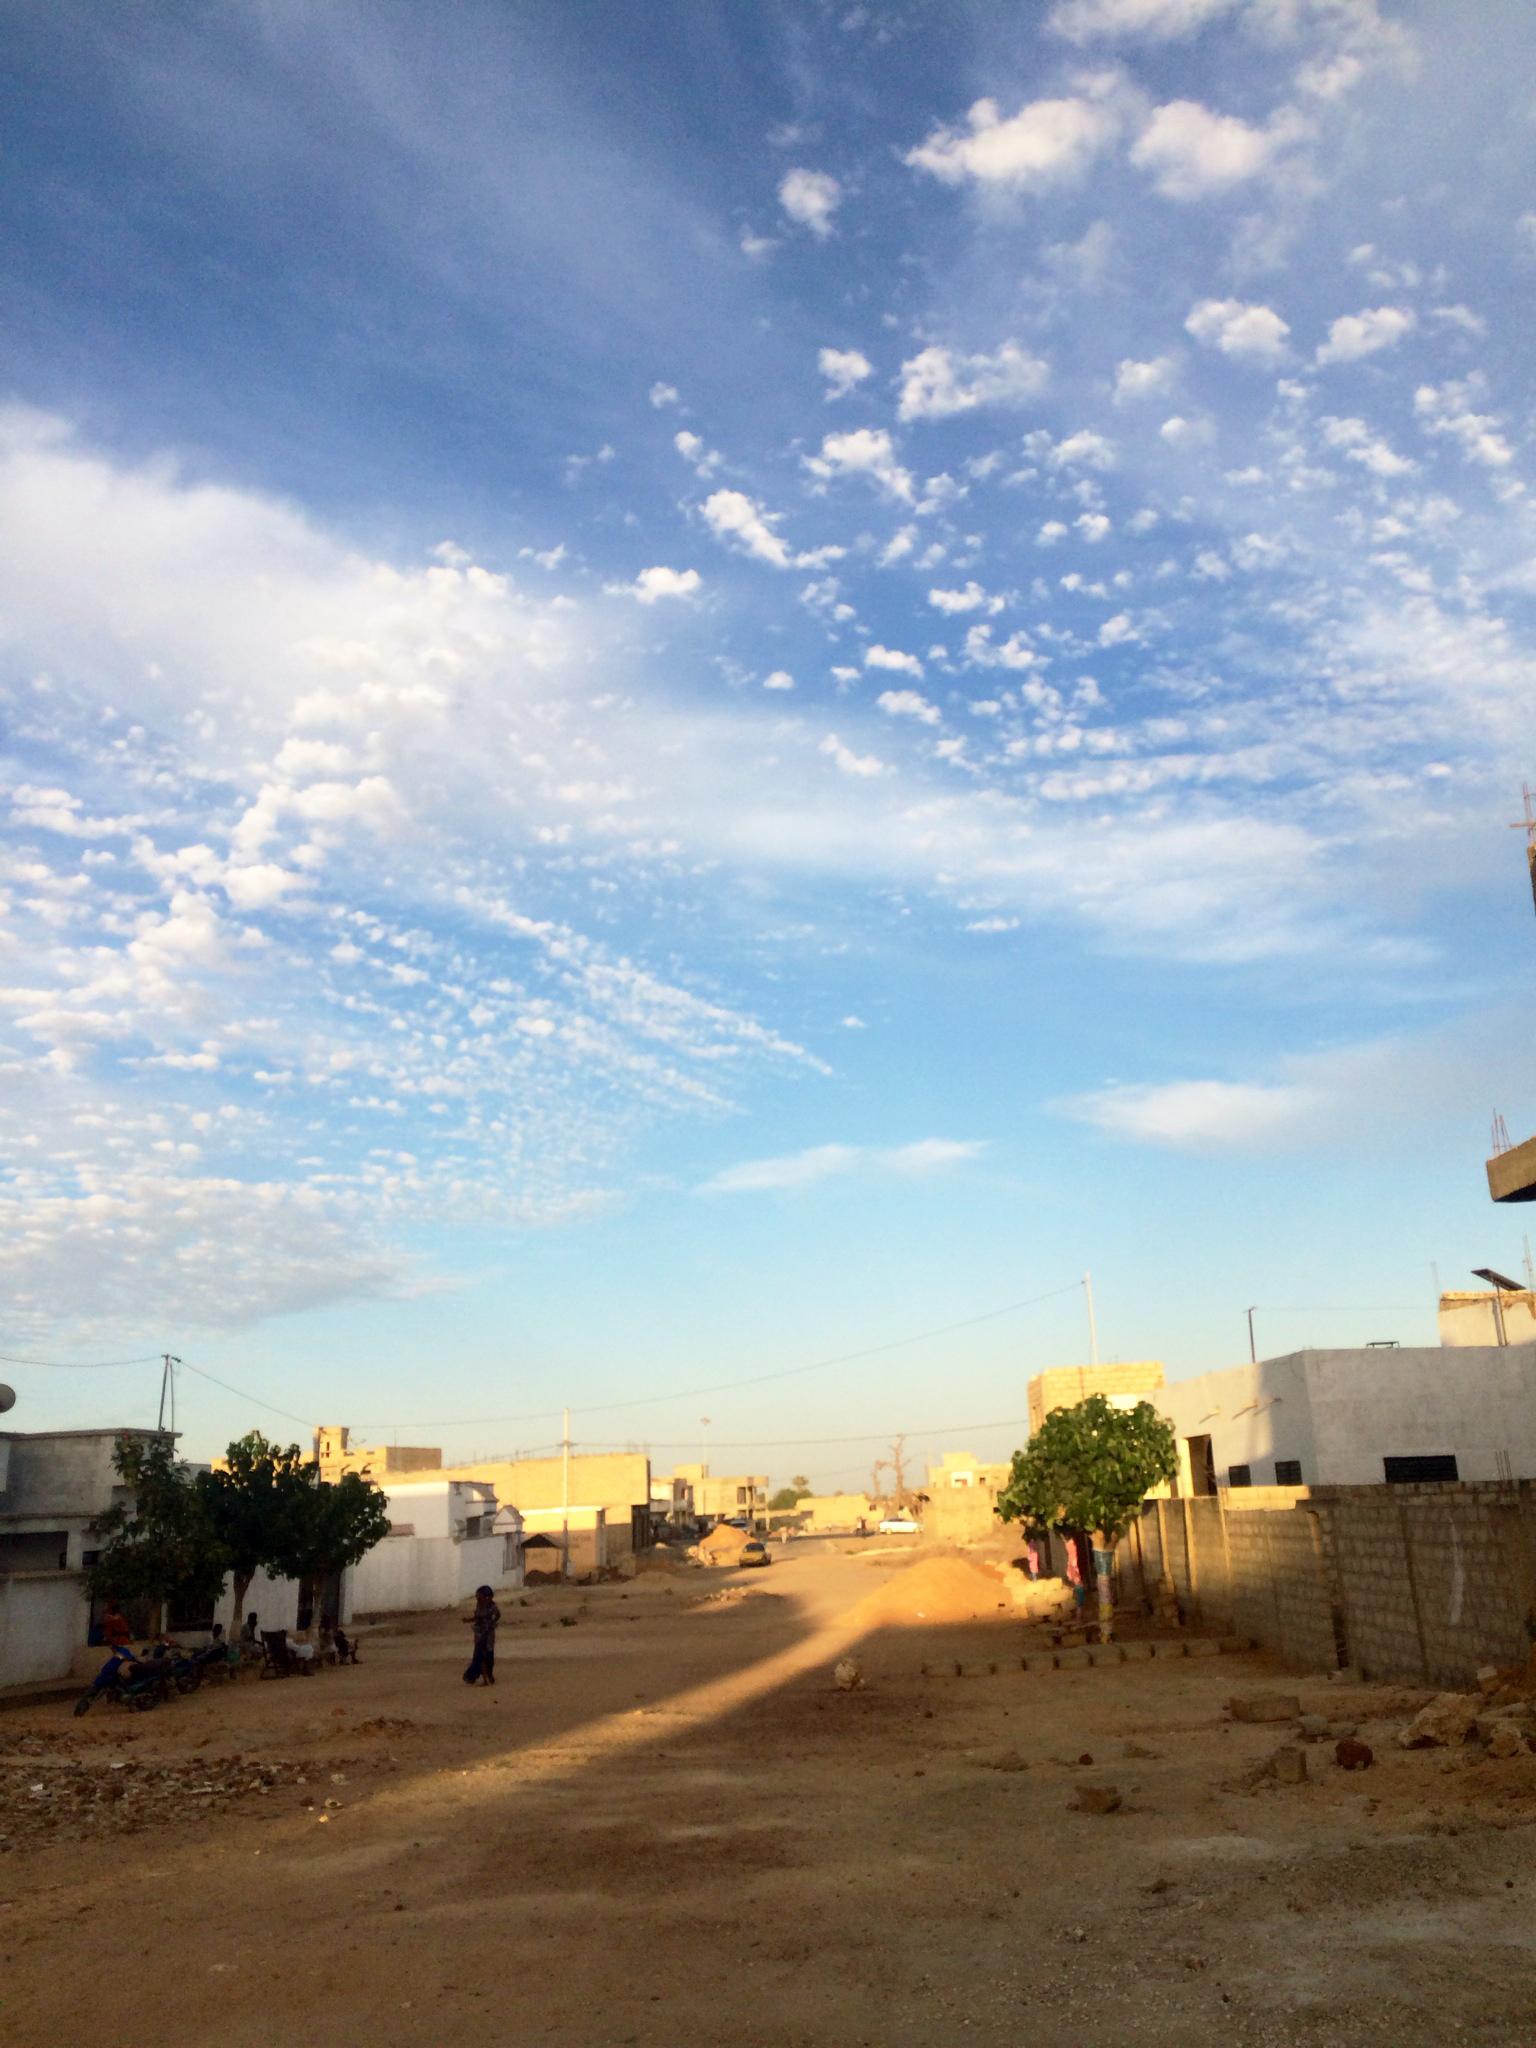 In Dakar, the road near her host family's house